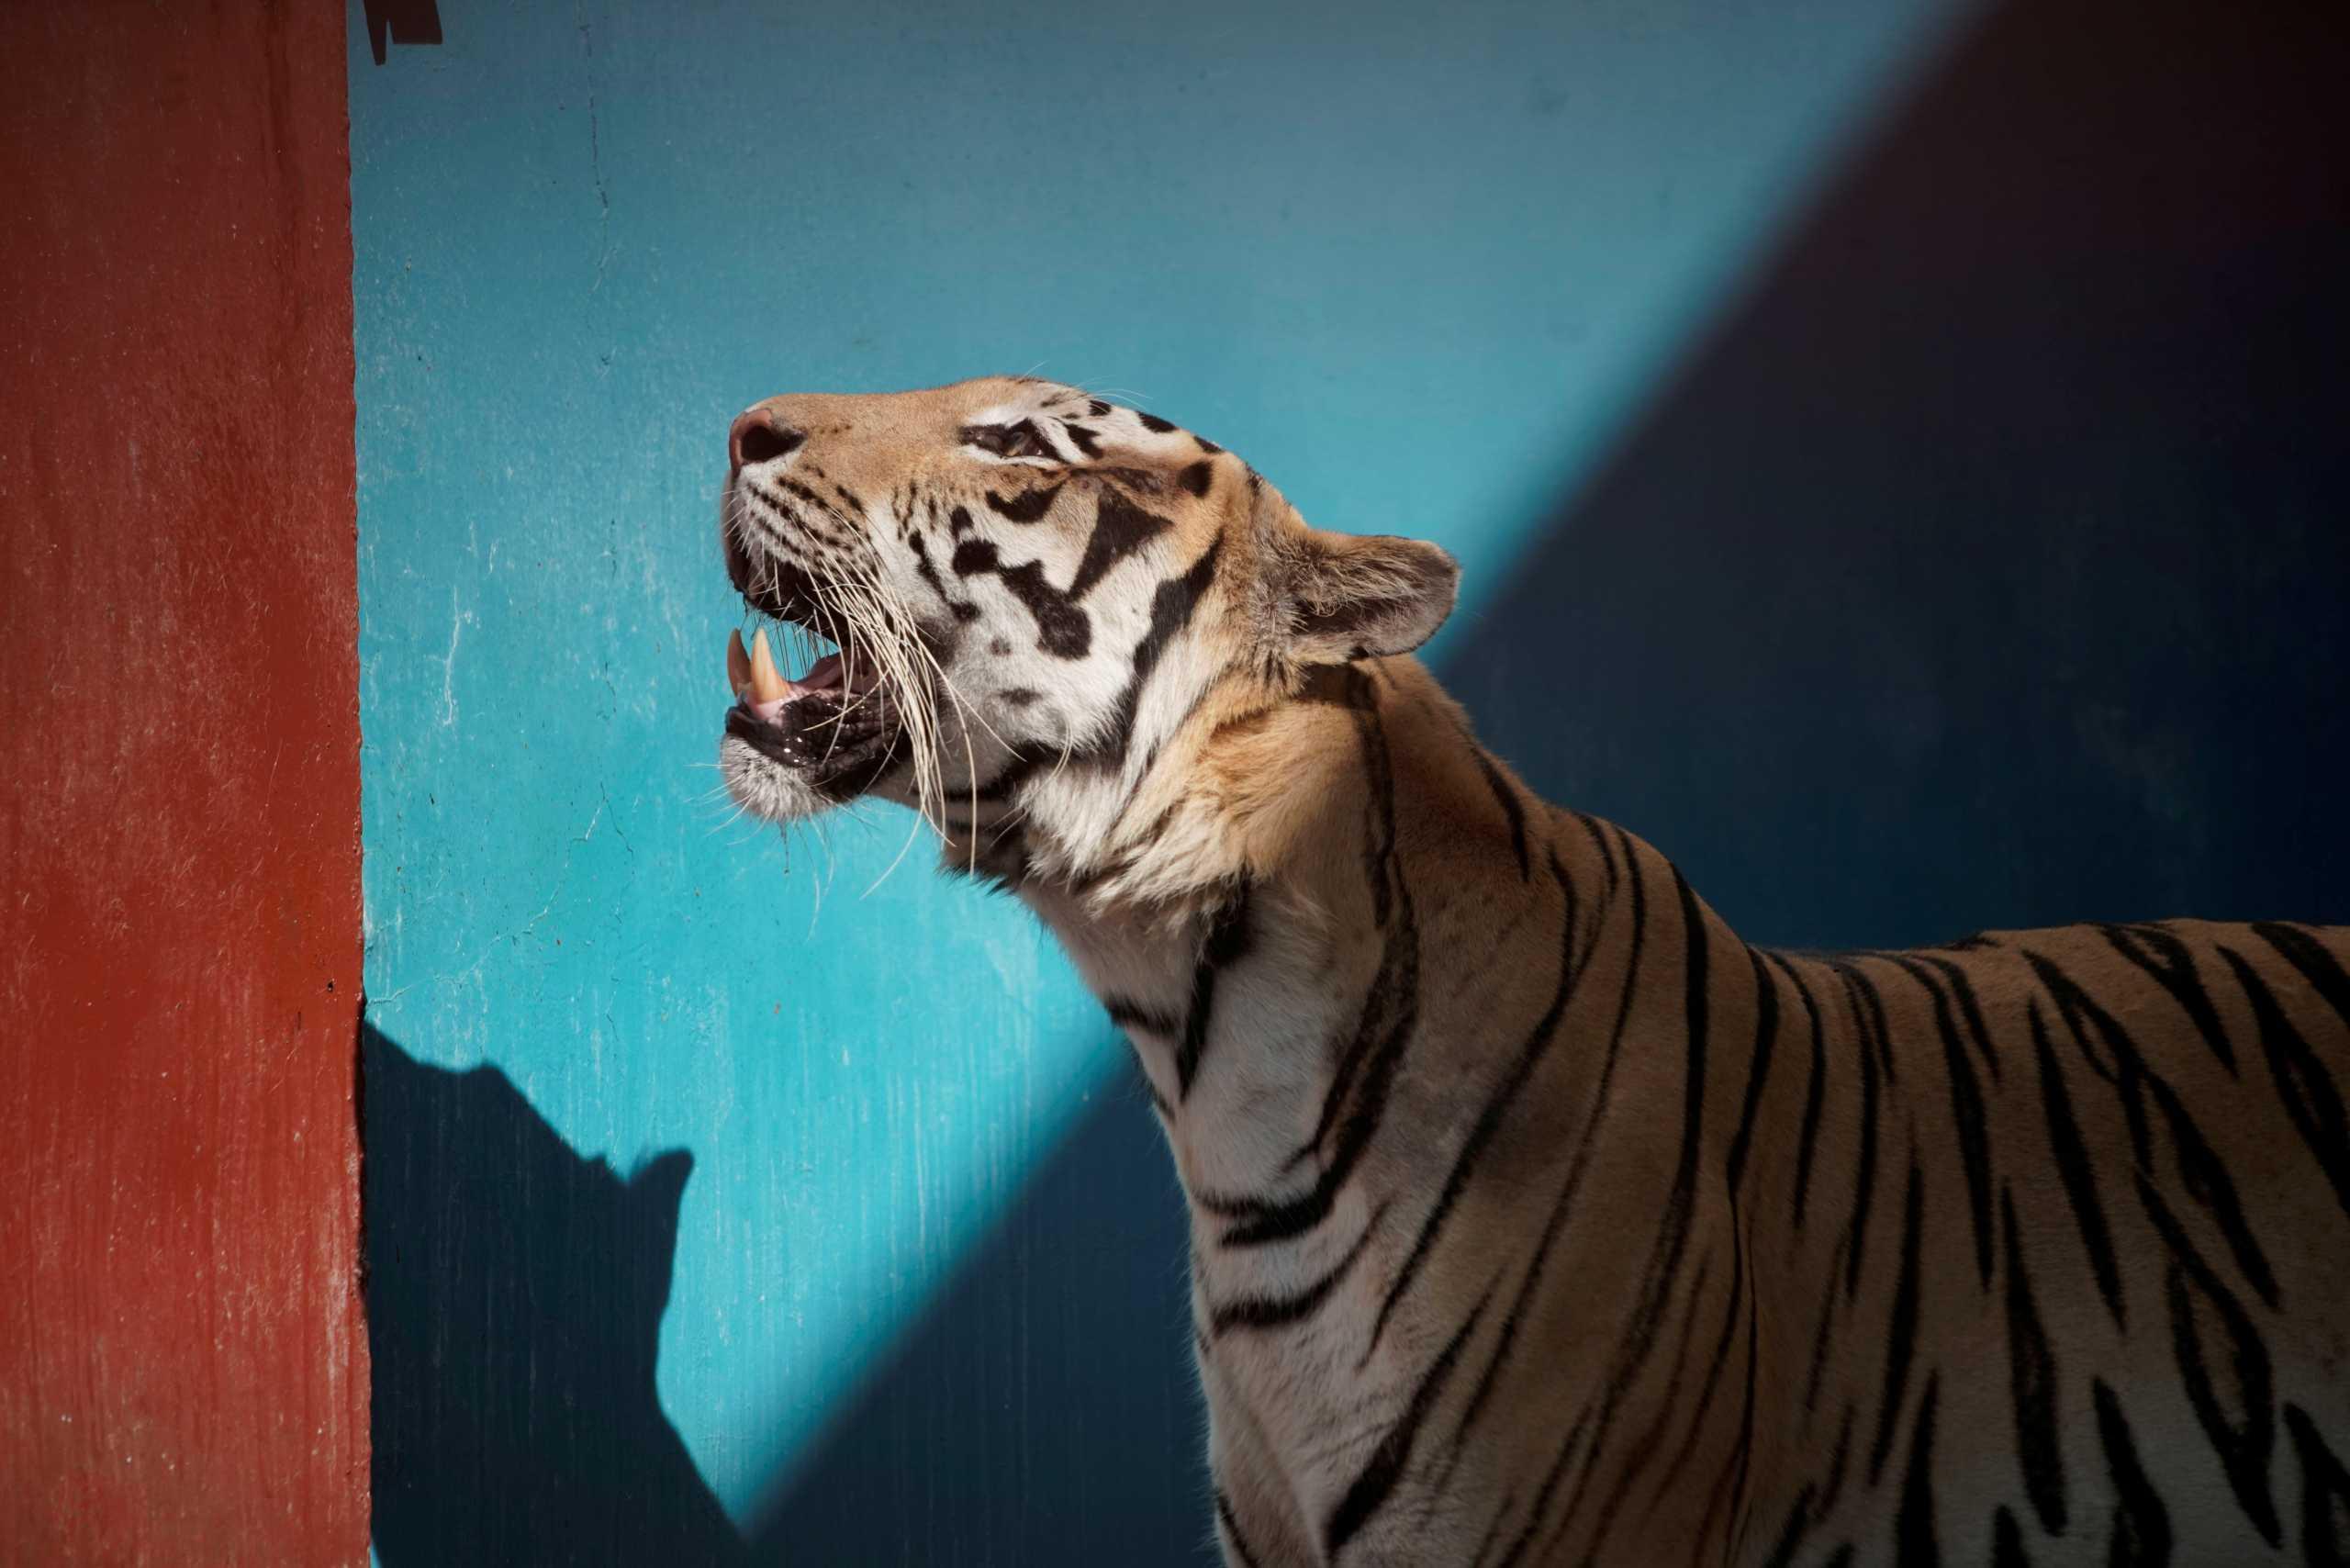 Κίνα: Μια τίγρης προκάλεσε πανικό σε ένα ολόκληρο χωριό στα σύνορα με τη Ρωσία